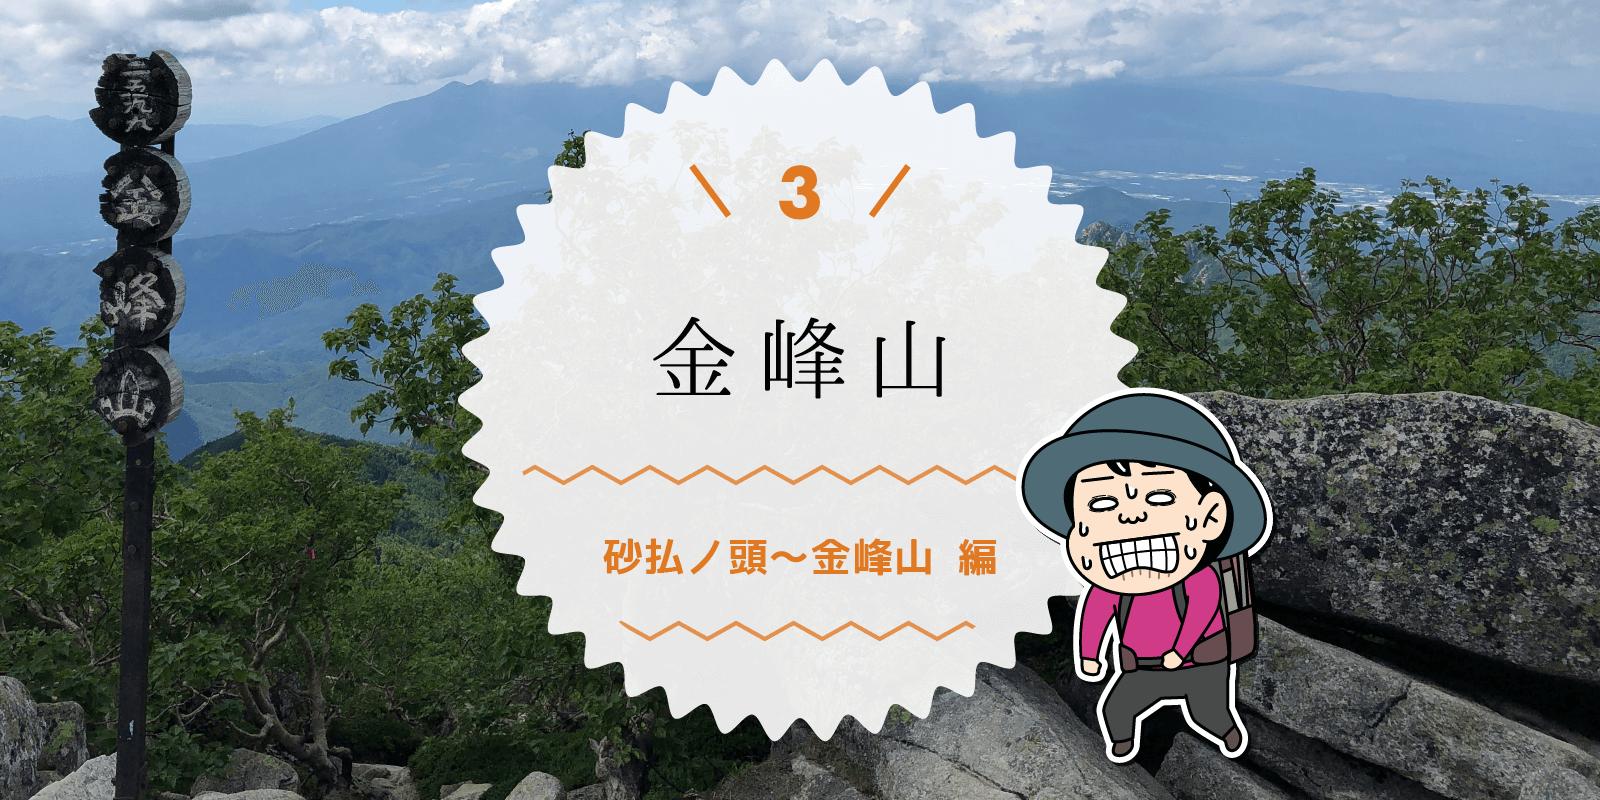 金峰山登山タイトル